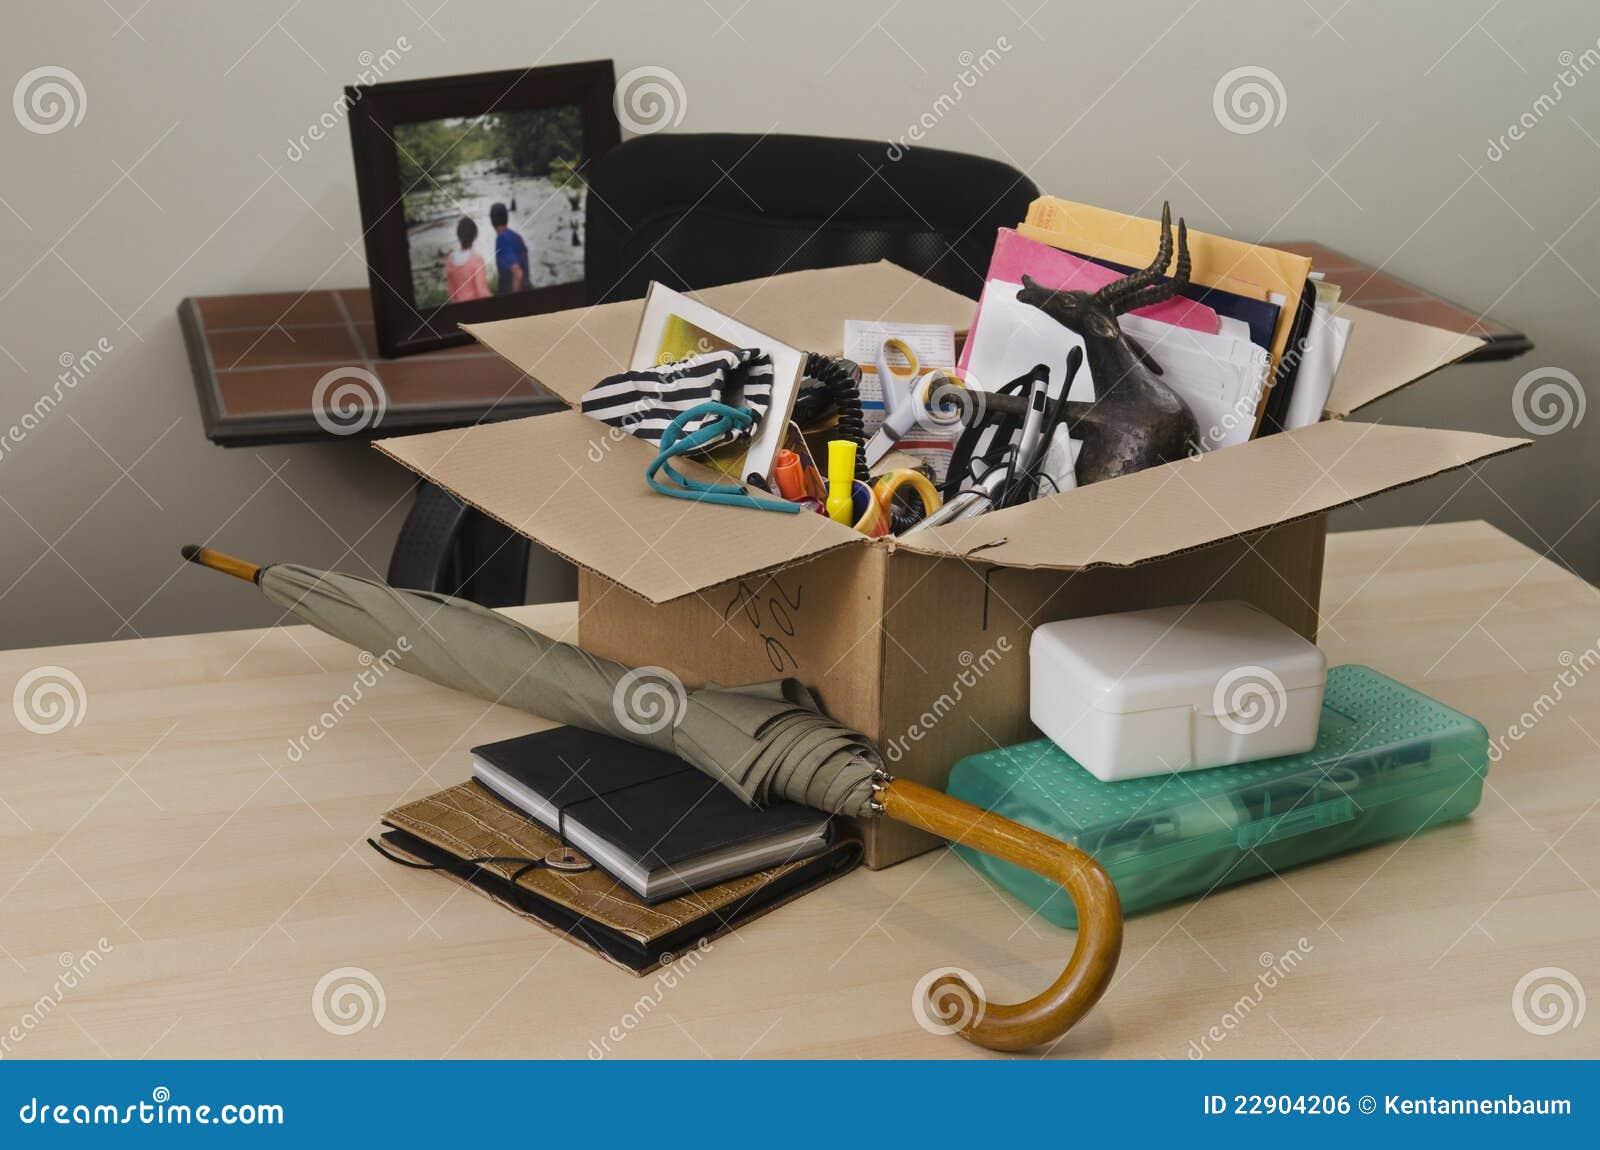 Persoonlijke bezittingen in karton op bureau